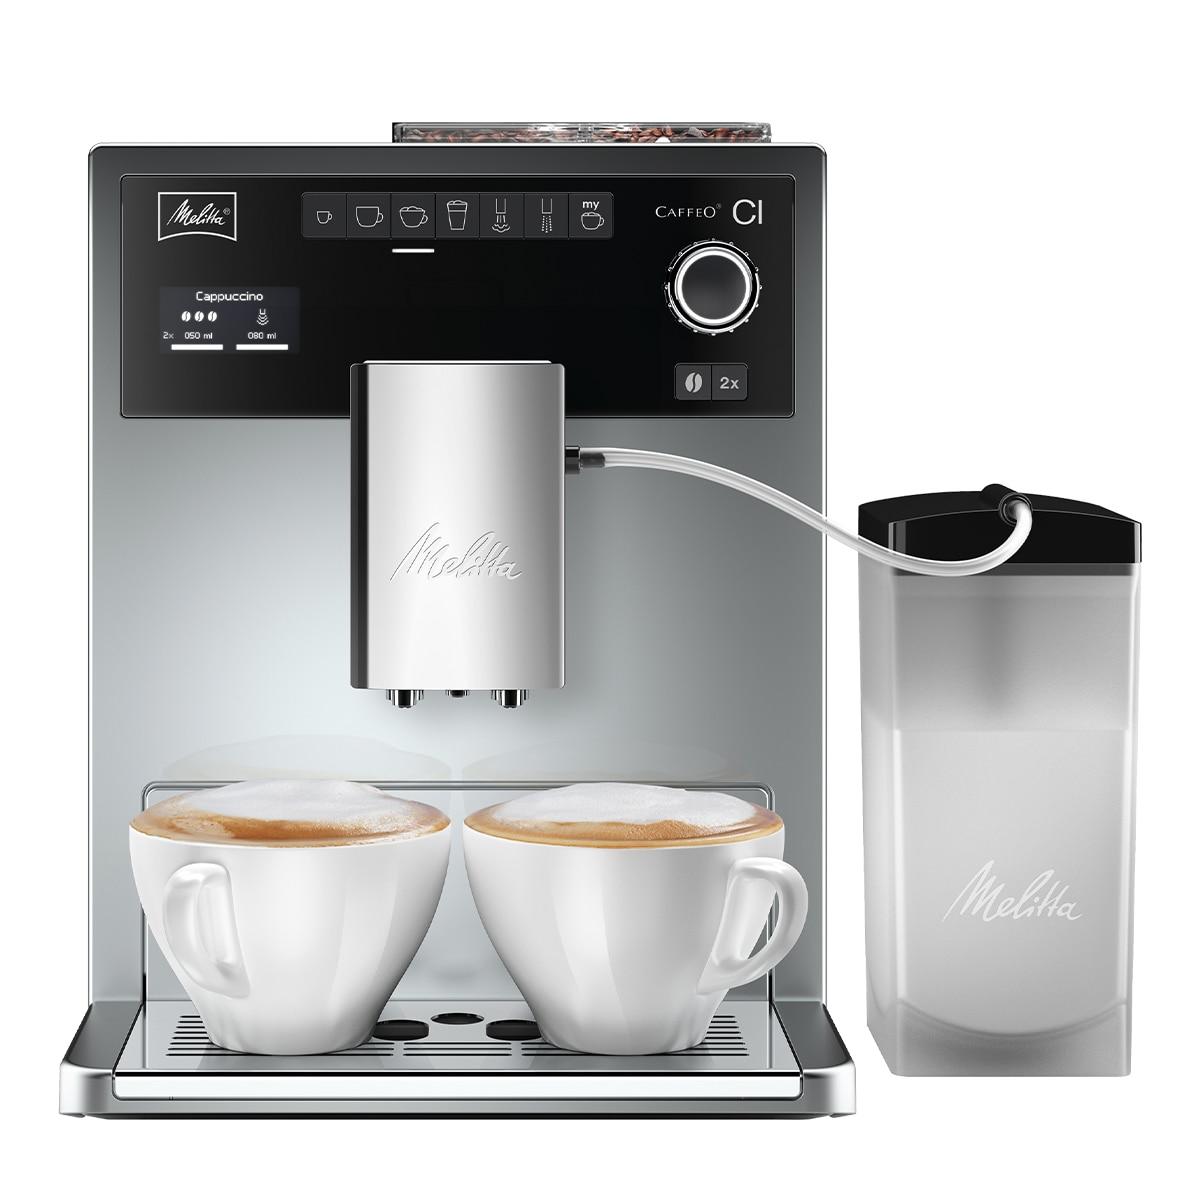 Fotografie Espressor Automat Melitta®Caffeo CI, Recipient de boabe cu 2 compartimente, 3 niveluri de granulație, Easy Steam Cleaning, Gri